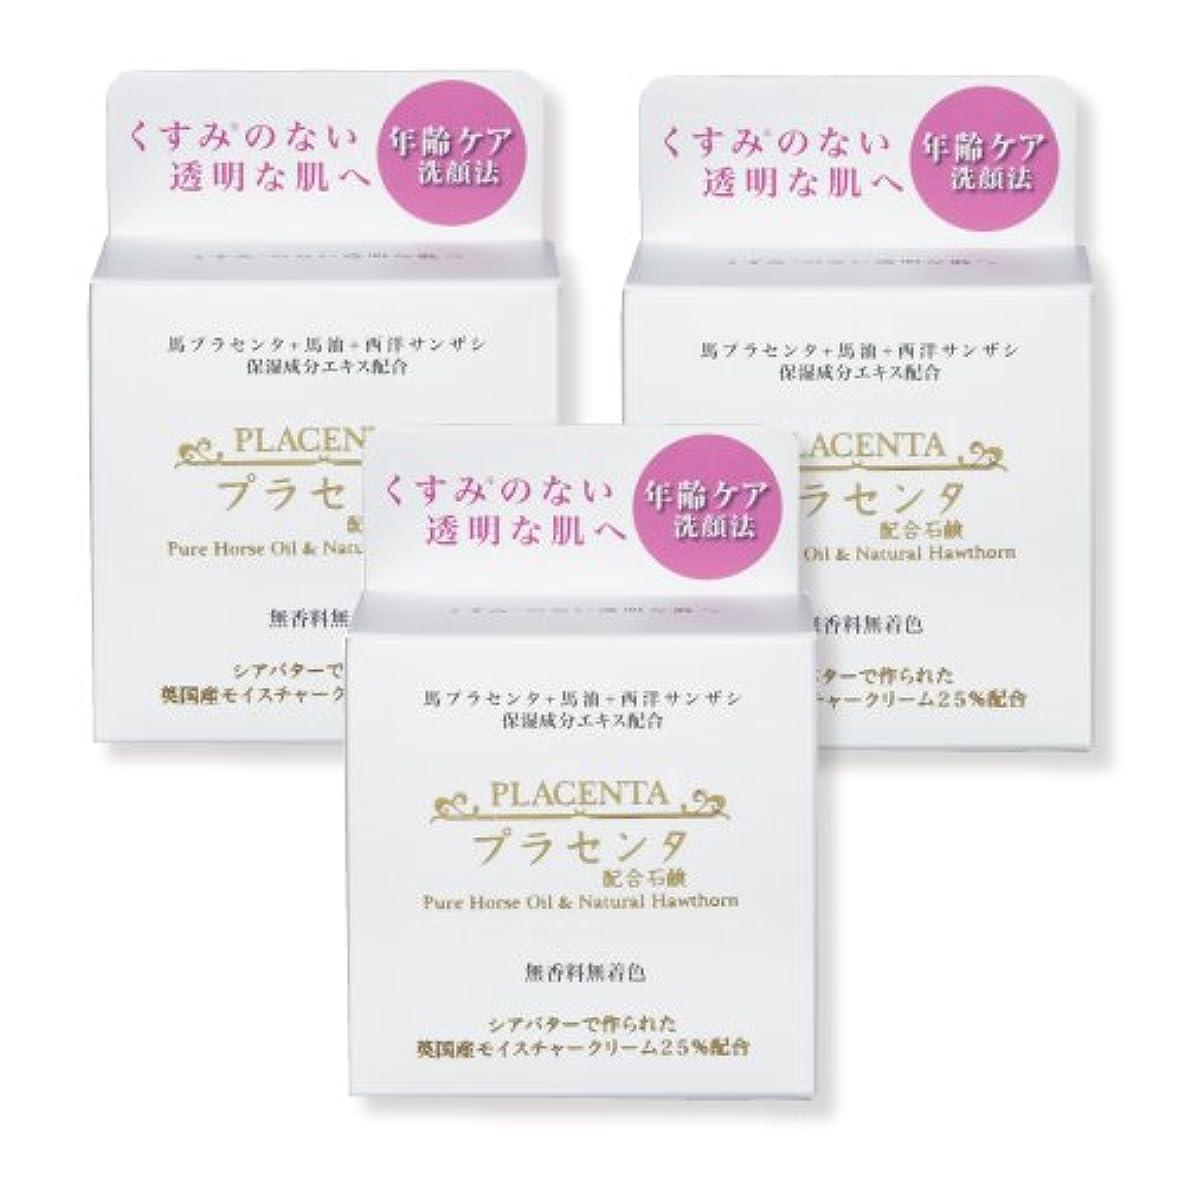 【3個セット割】プラセンタ+馬油+西洋サンザシ配合石鹸 抗糖化を目指した年齢ケア洗顔